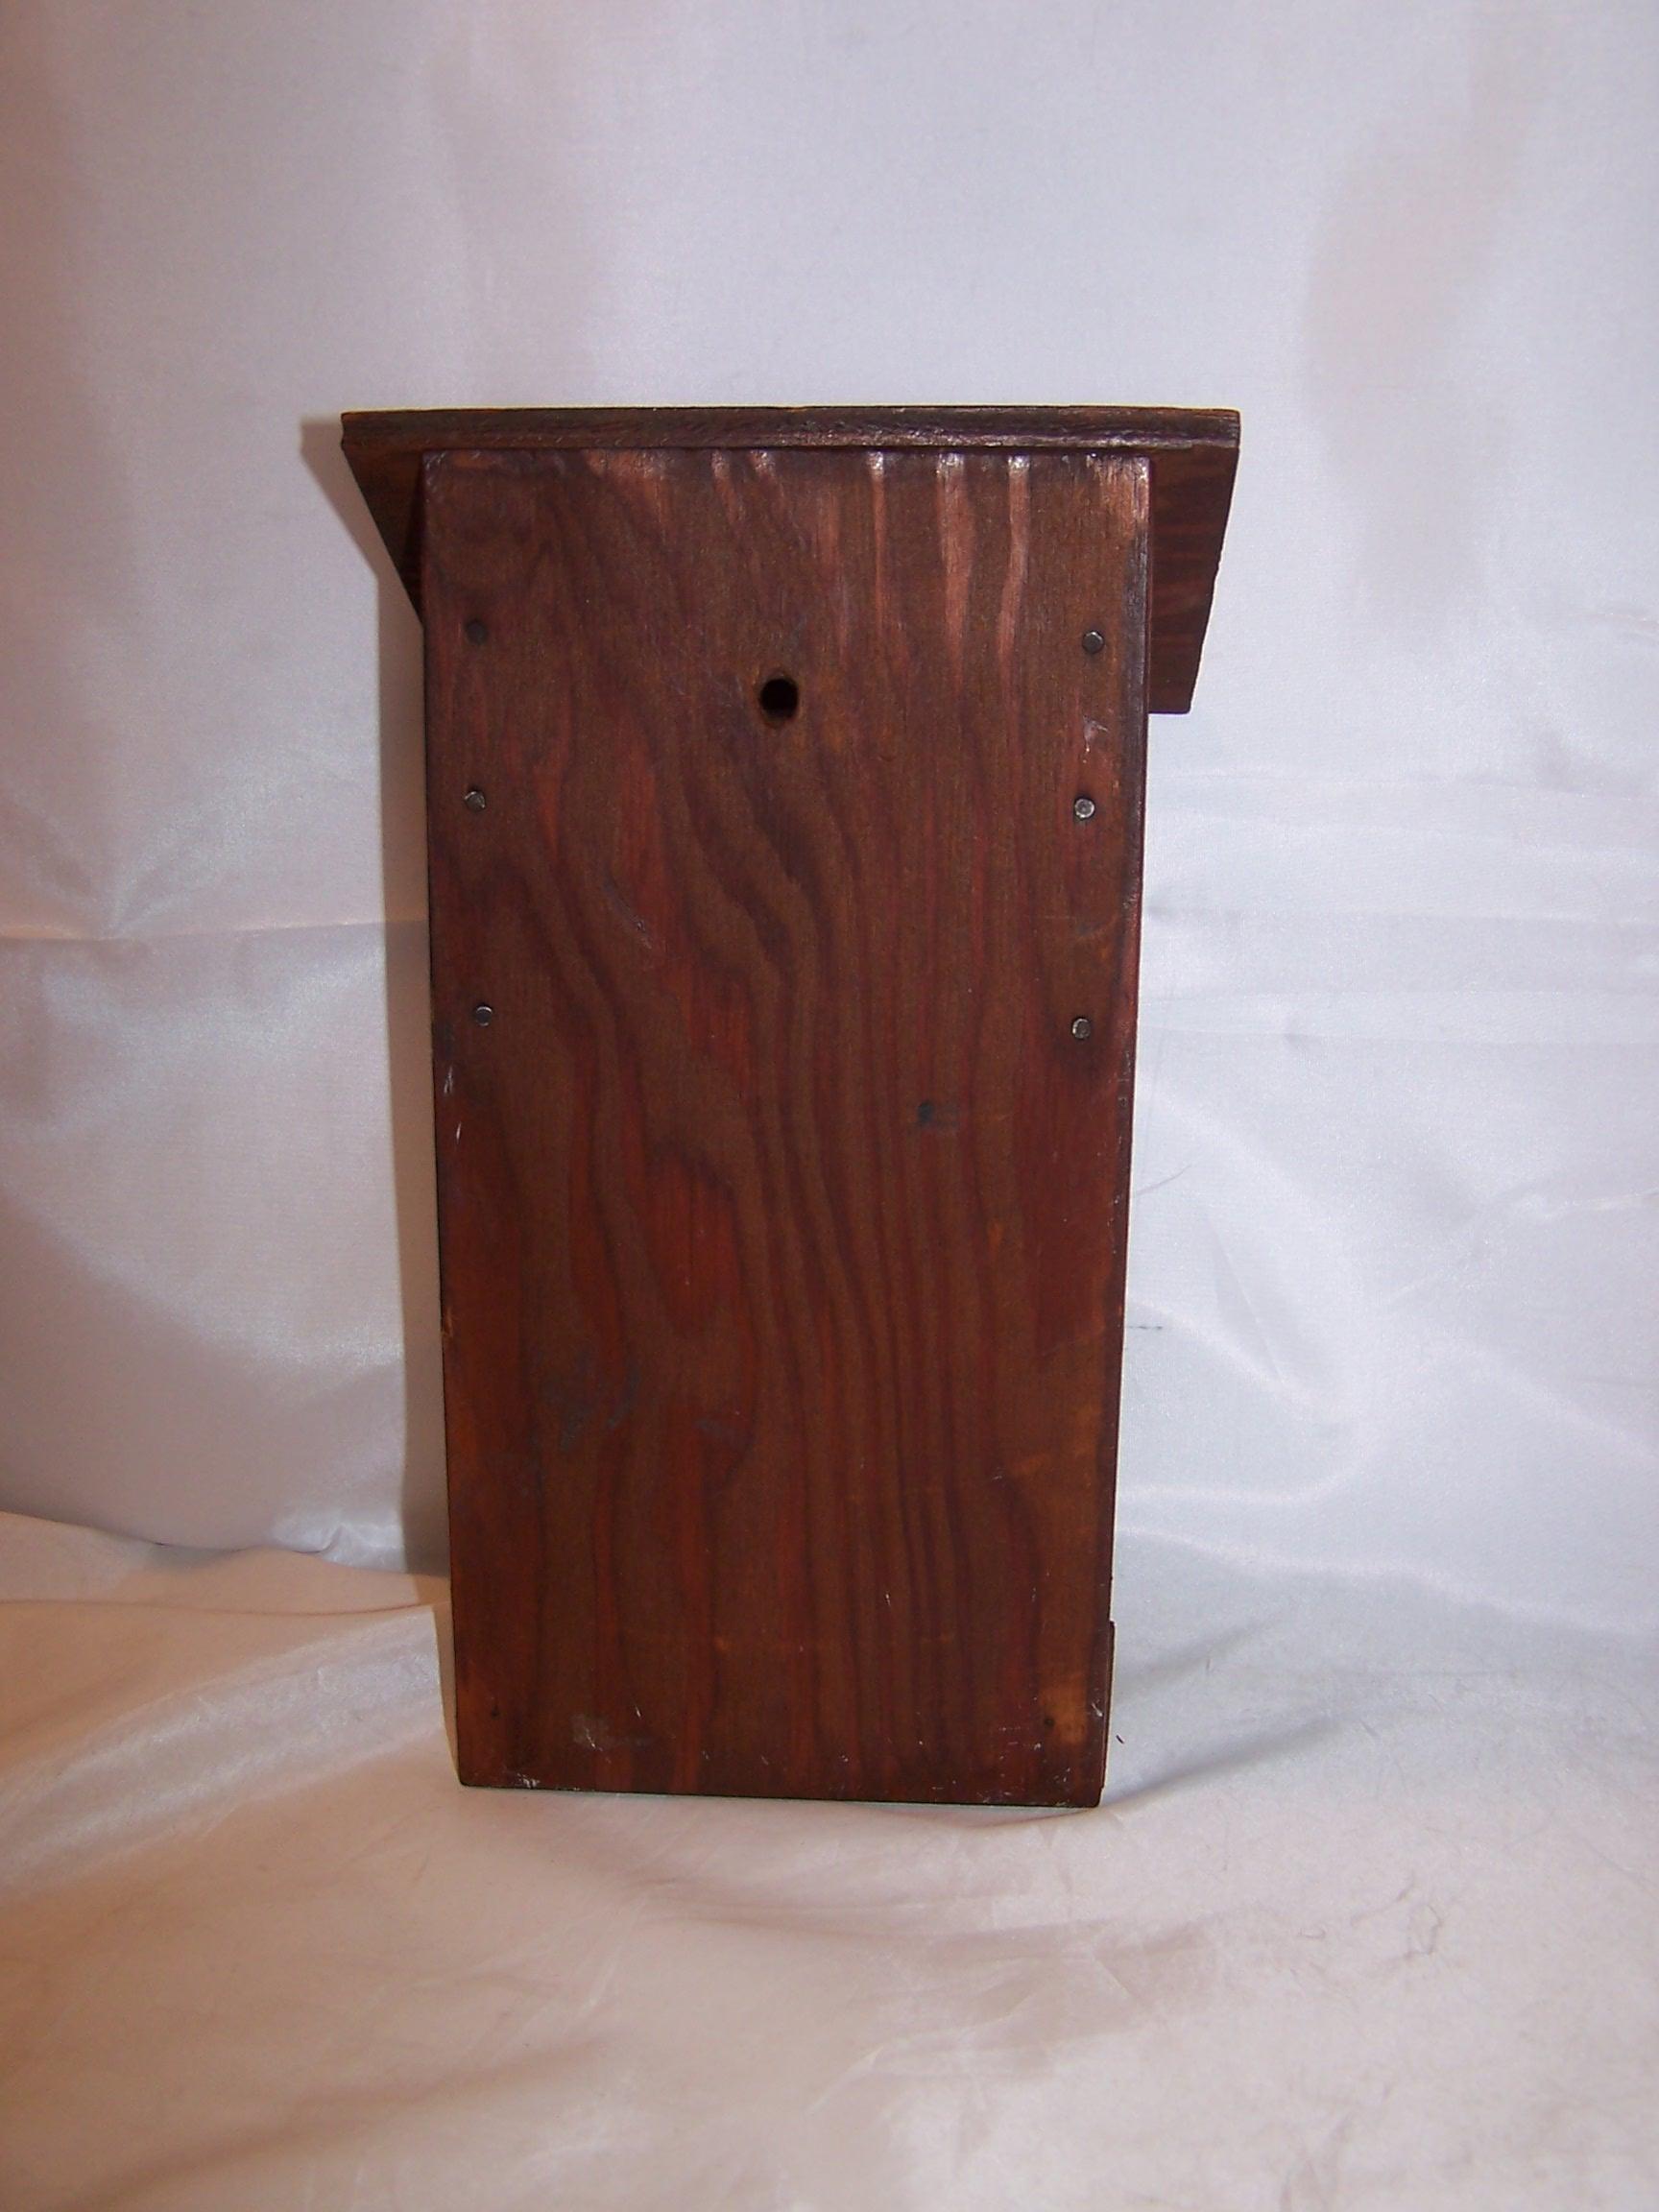 Image 5 of Cowboy Dinner Bell, Wood, Metal, Vintage